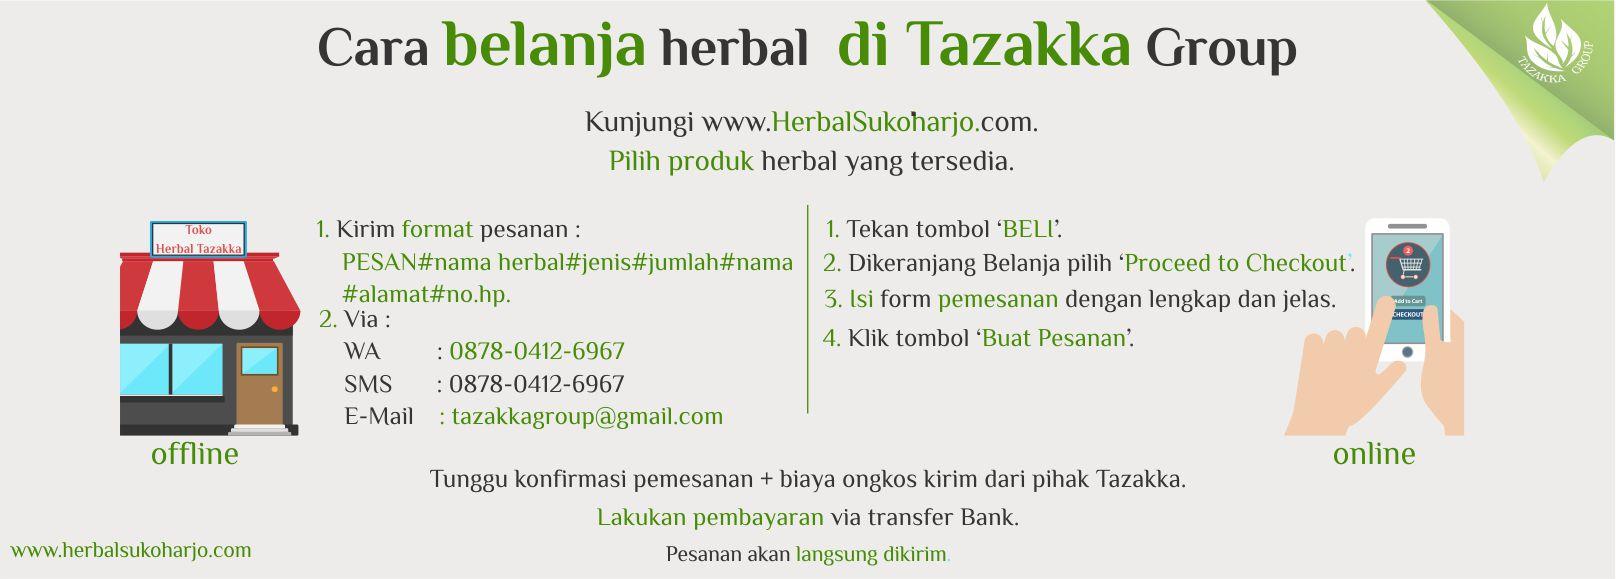 contoh foto gambar banner cara belanja produk herbal Tazakka herbal Sukoharjo secara offline dan online.